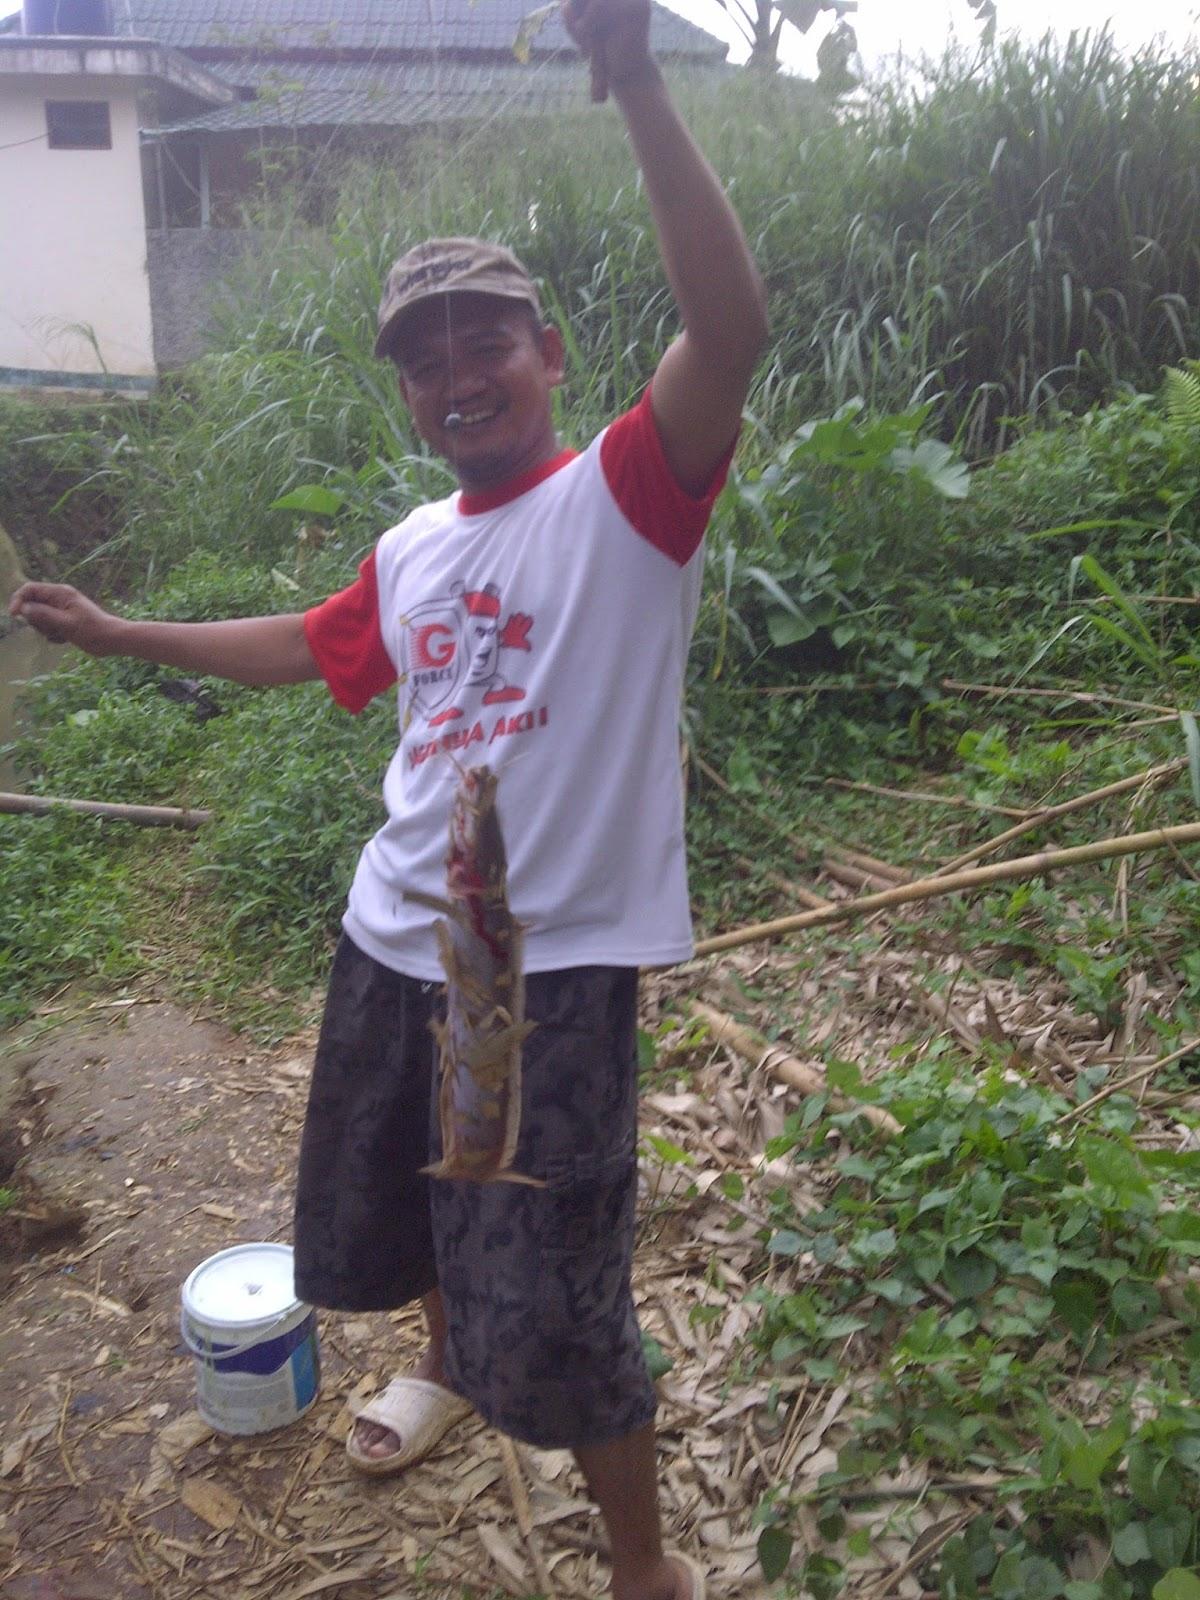 Umpan Hidup Untuk Mancing Lele Galatama Harian Sungai Rawa Siang Dan Malam Site Title